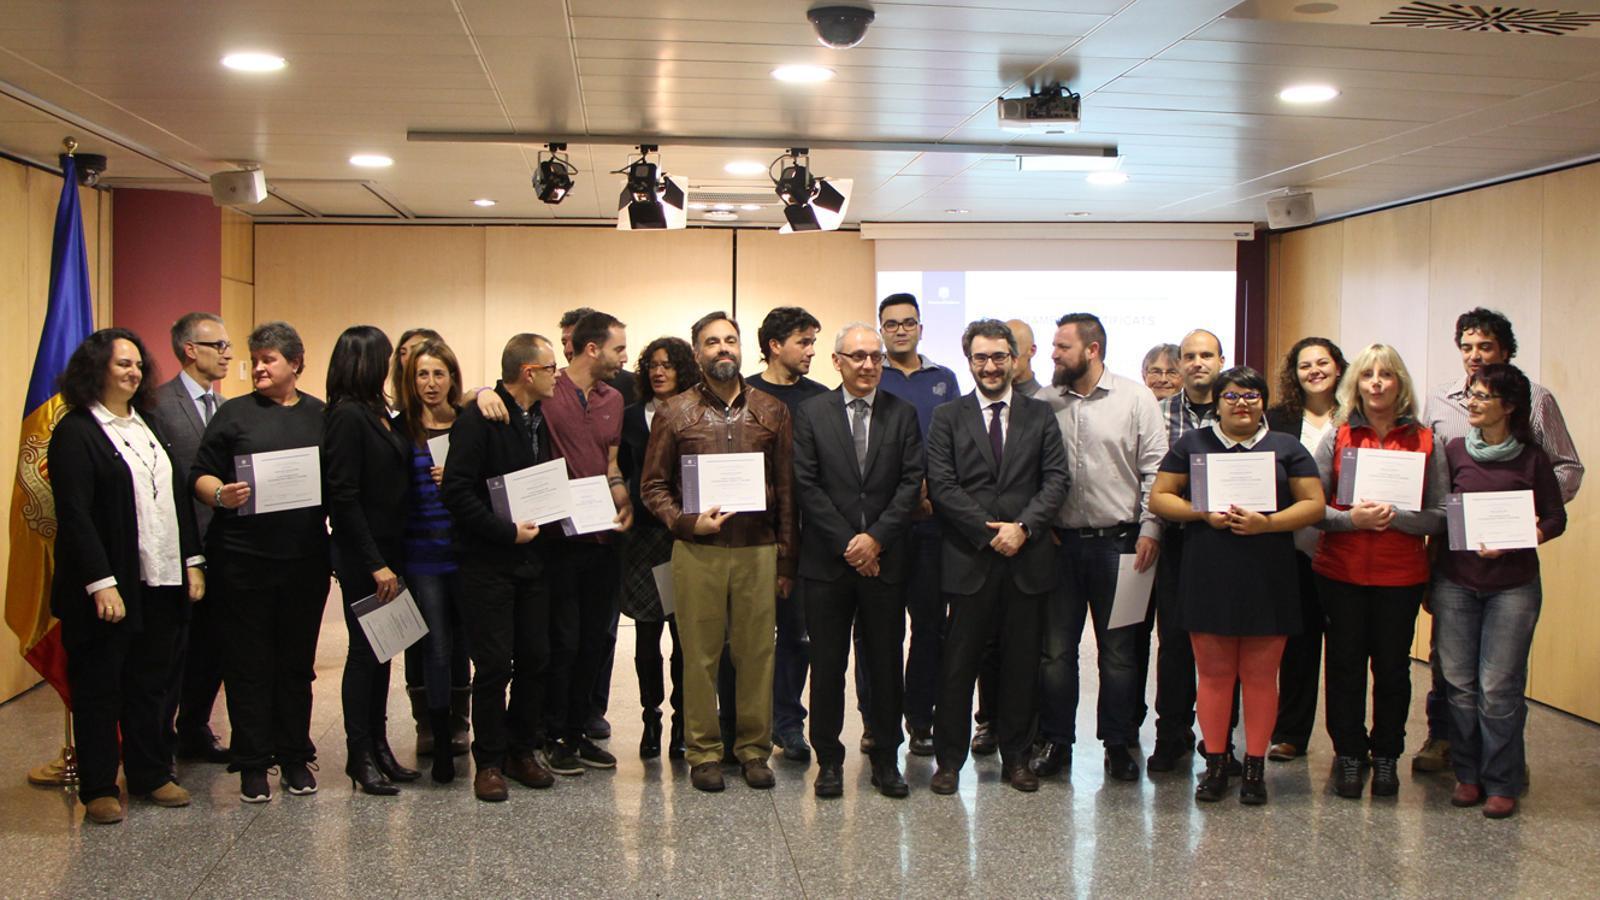 Els participants al curs amb el seu certificat en companyia del ministre de Turisme, Francesc Camp i del ministre d'Educació i Ensenyament Superior, Eric Jover. / B. N. (ANA)